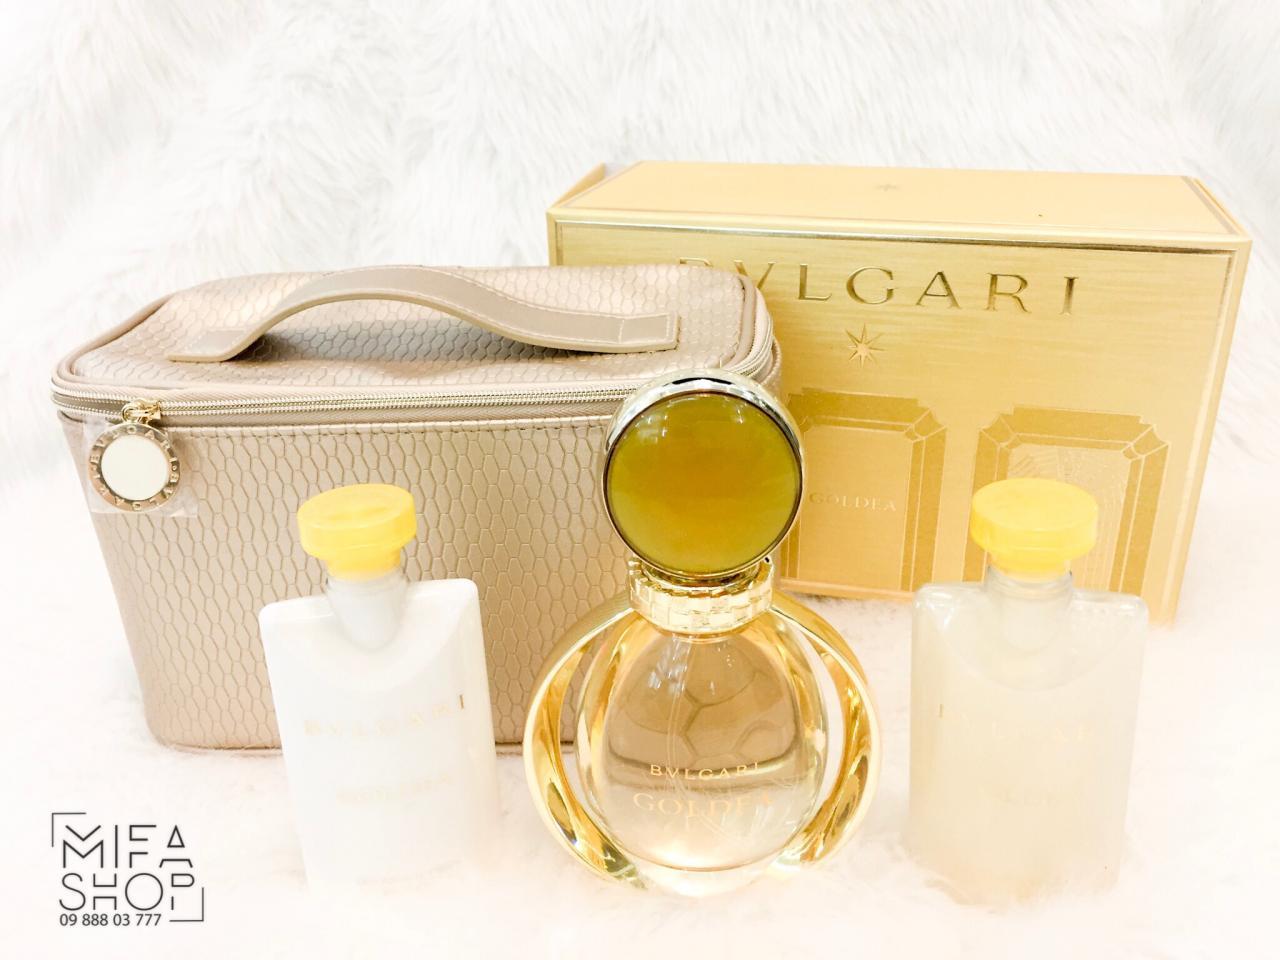 Bộ Quà Tặng Bvlgari Goldea Eau de Parfum EDP 90ml, Body Lotion 75ml, Sữa Tắm 75ml, Túi